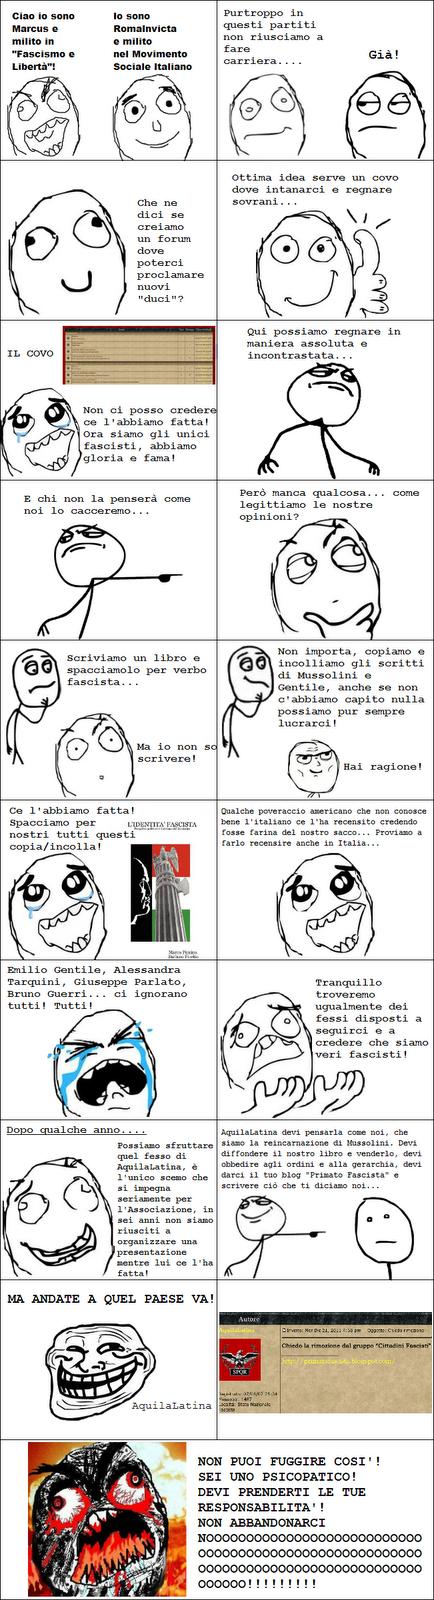 Vignette Satiriche